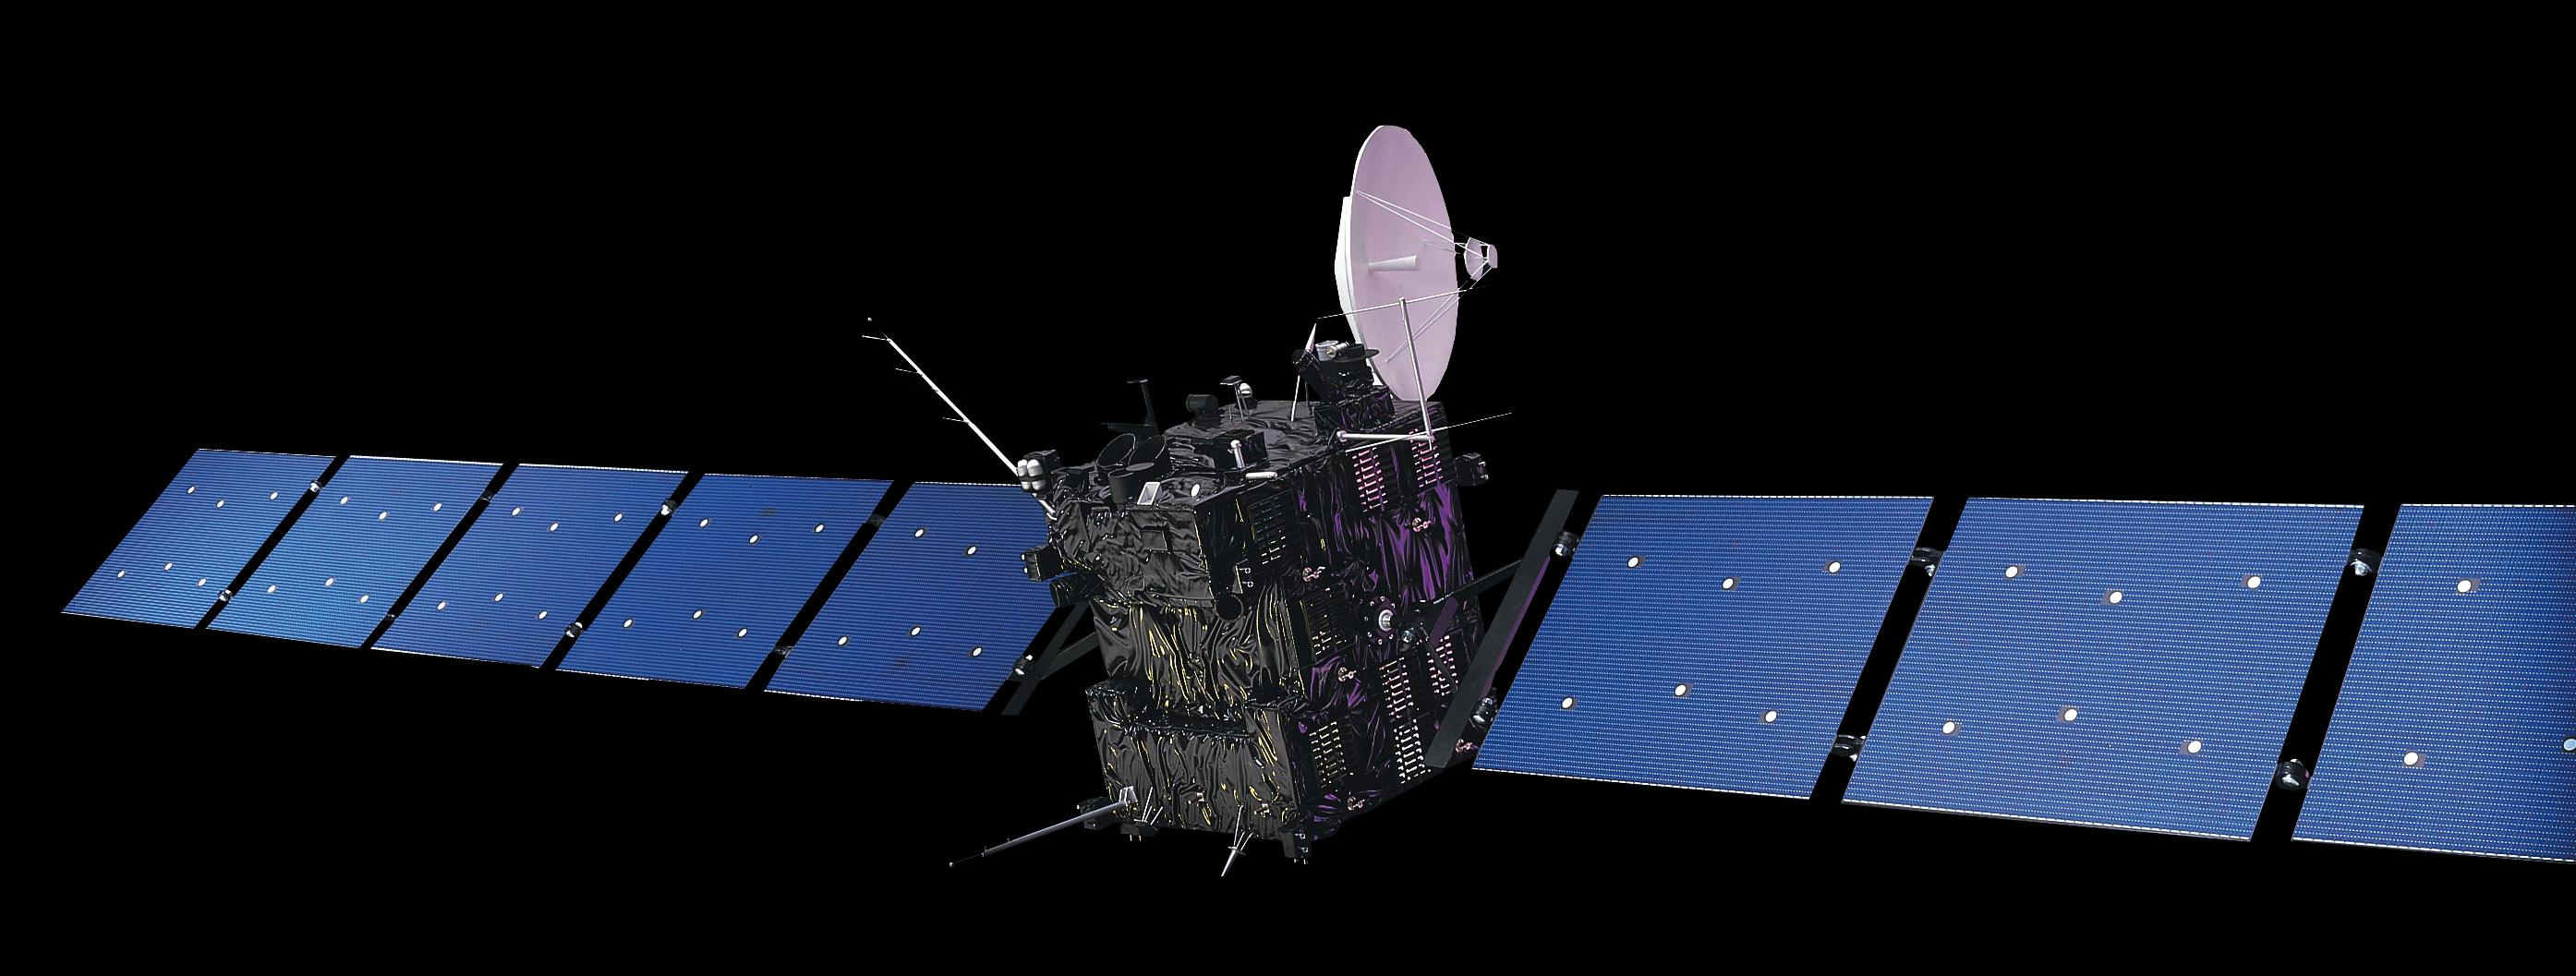 Vídeo: Wake up Rosetta